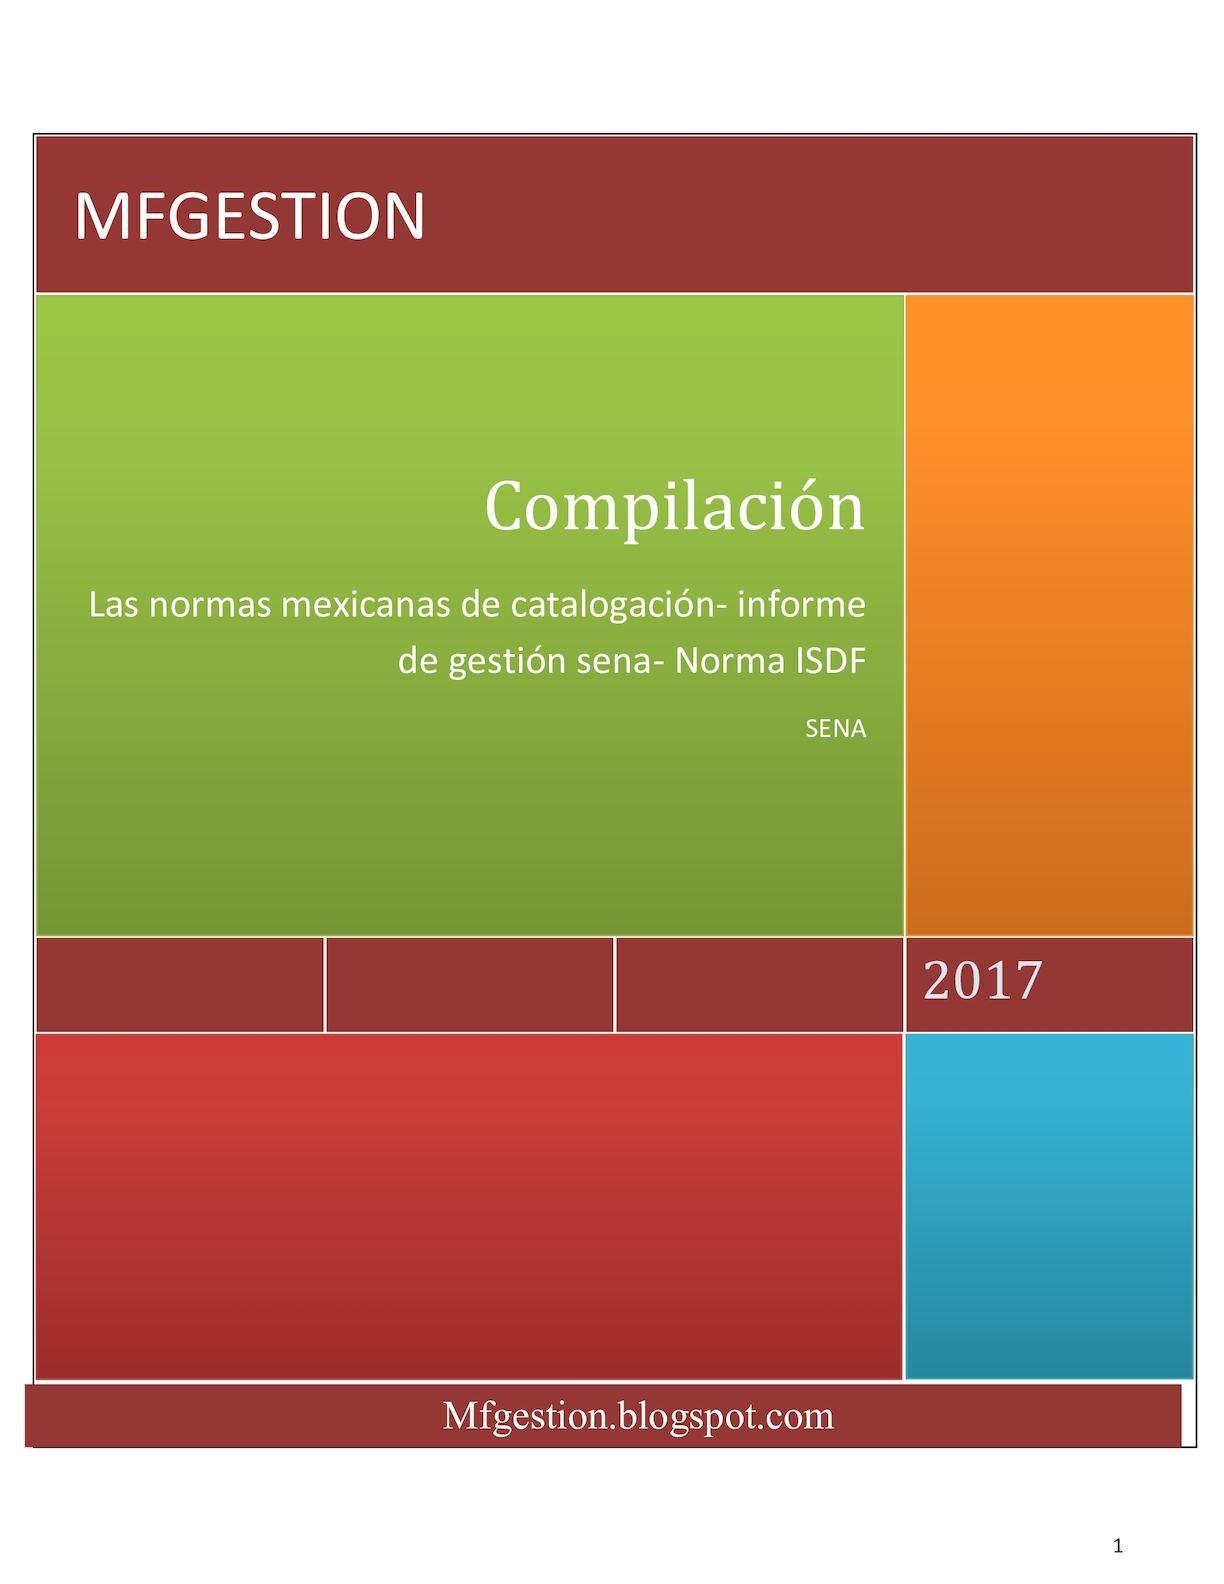 """Calendario Para Imprimir Año 2017 Más Recientemente Liberado Calaméo Pilaci""""n Of Calendario Para Imprimir Año 2017 Más Reciente Eur Lex R2454 En Eur Lex"""